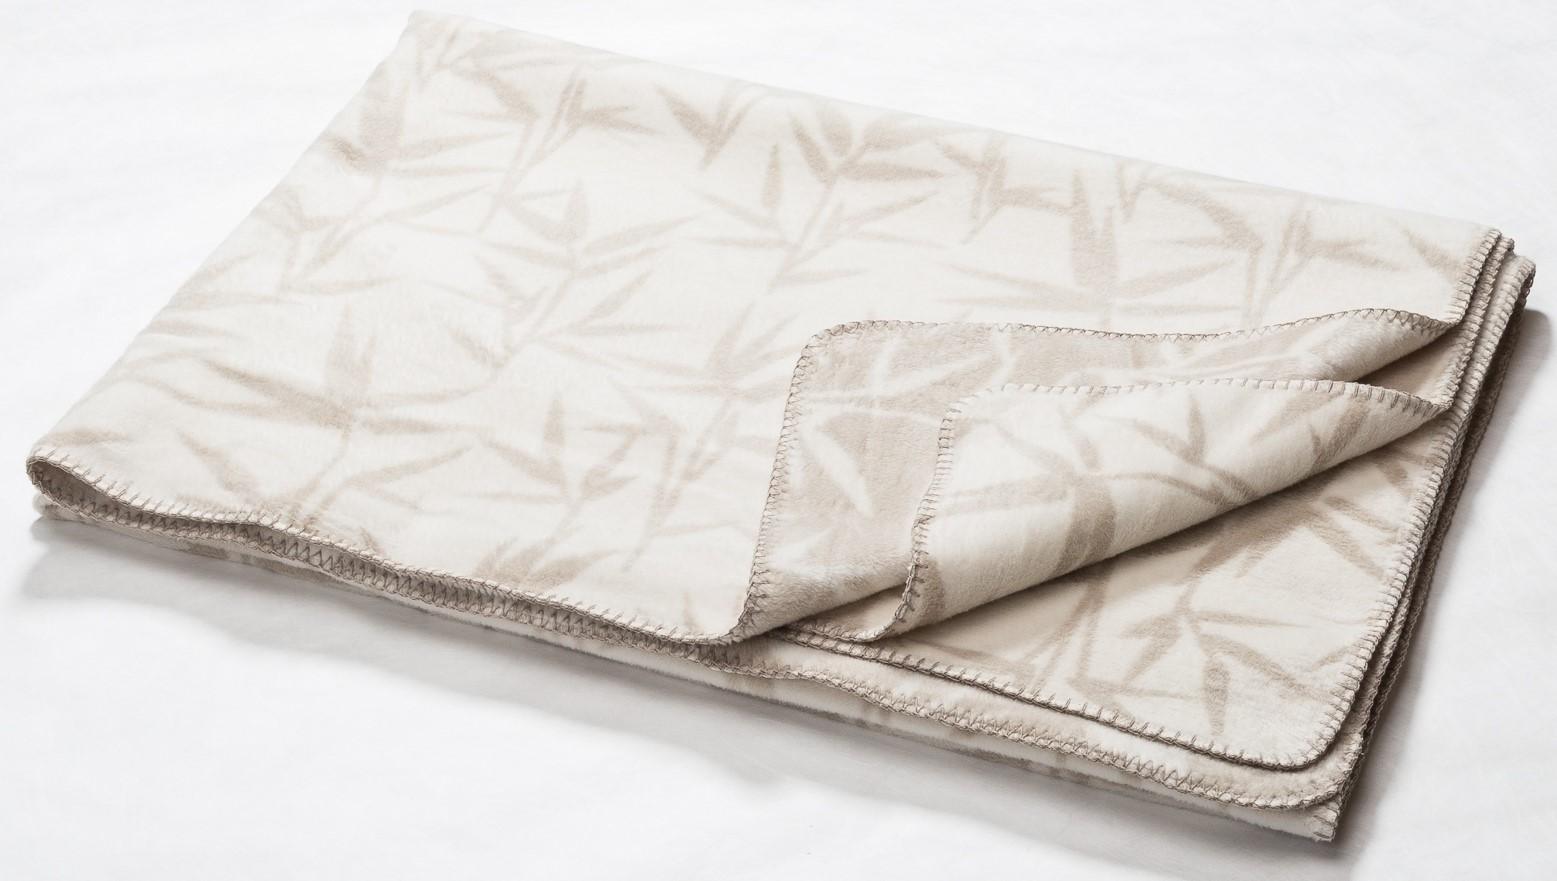 DAVID FUSSENEGGER Decke Bamboo Bambusblätter rohweiß 150x200 cm